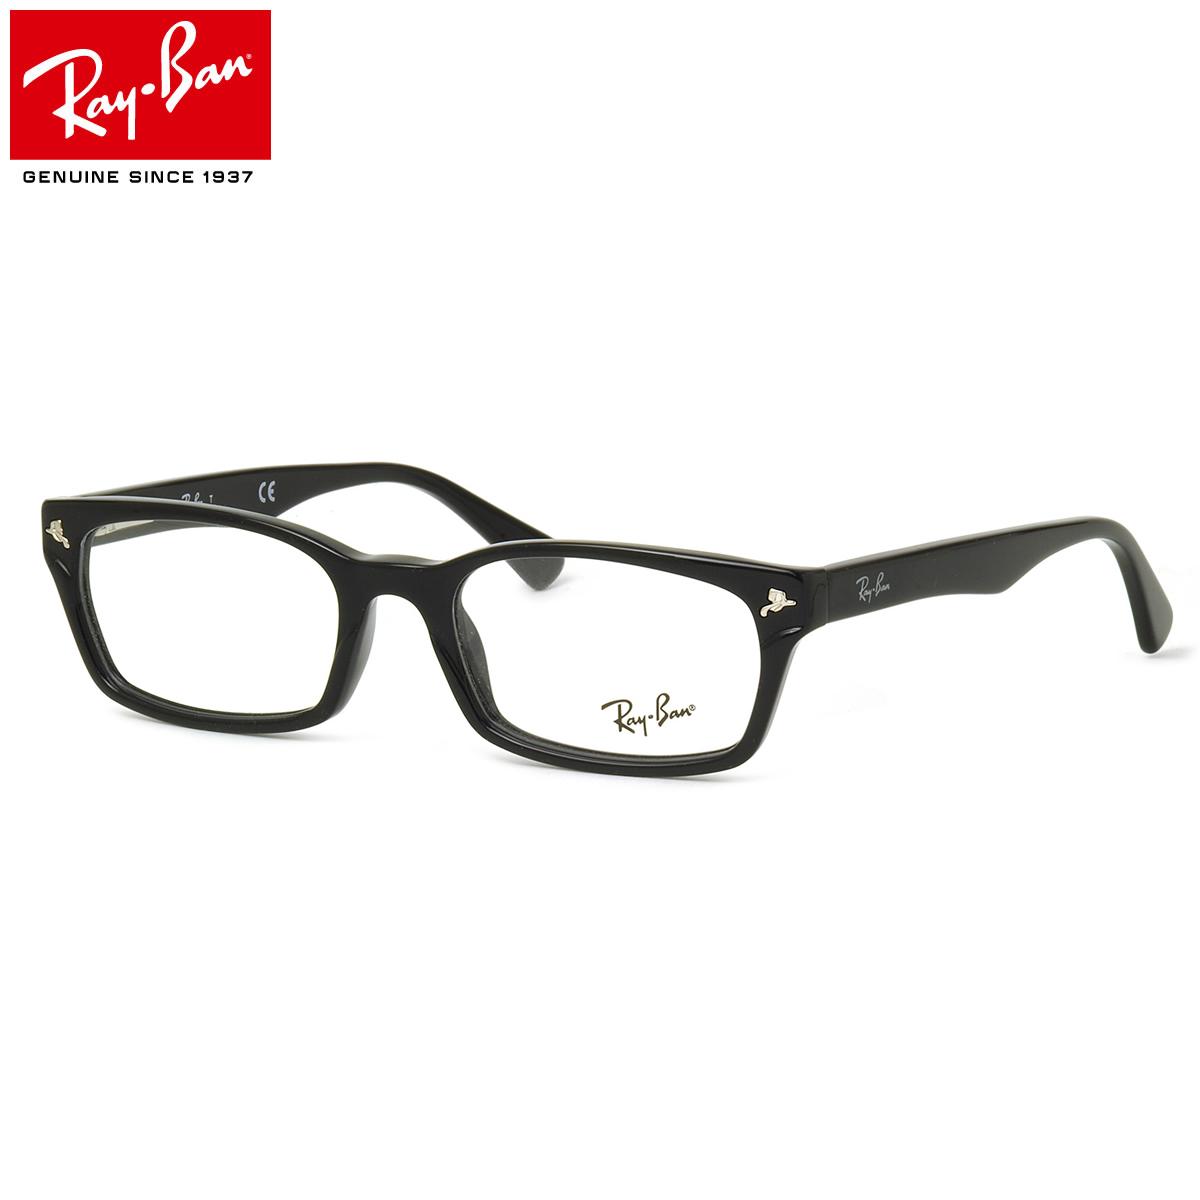 ほぼ全品ポイント15倍~最大34倍! レイバン メガネ フレーム Ray-Ban RX5017A 2000 52サイズ 伊達メガネ フレーム 度付き レイバン RAYBAN メンズ レディース